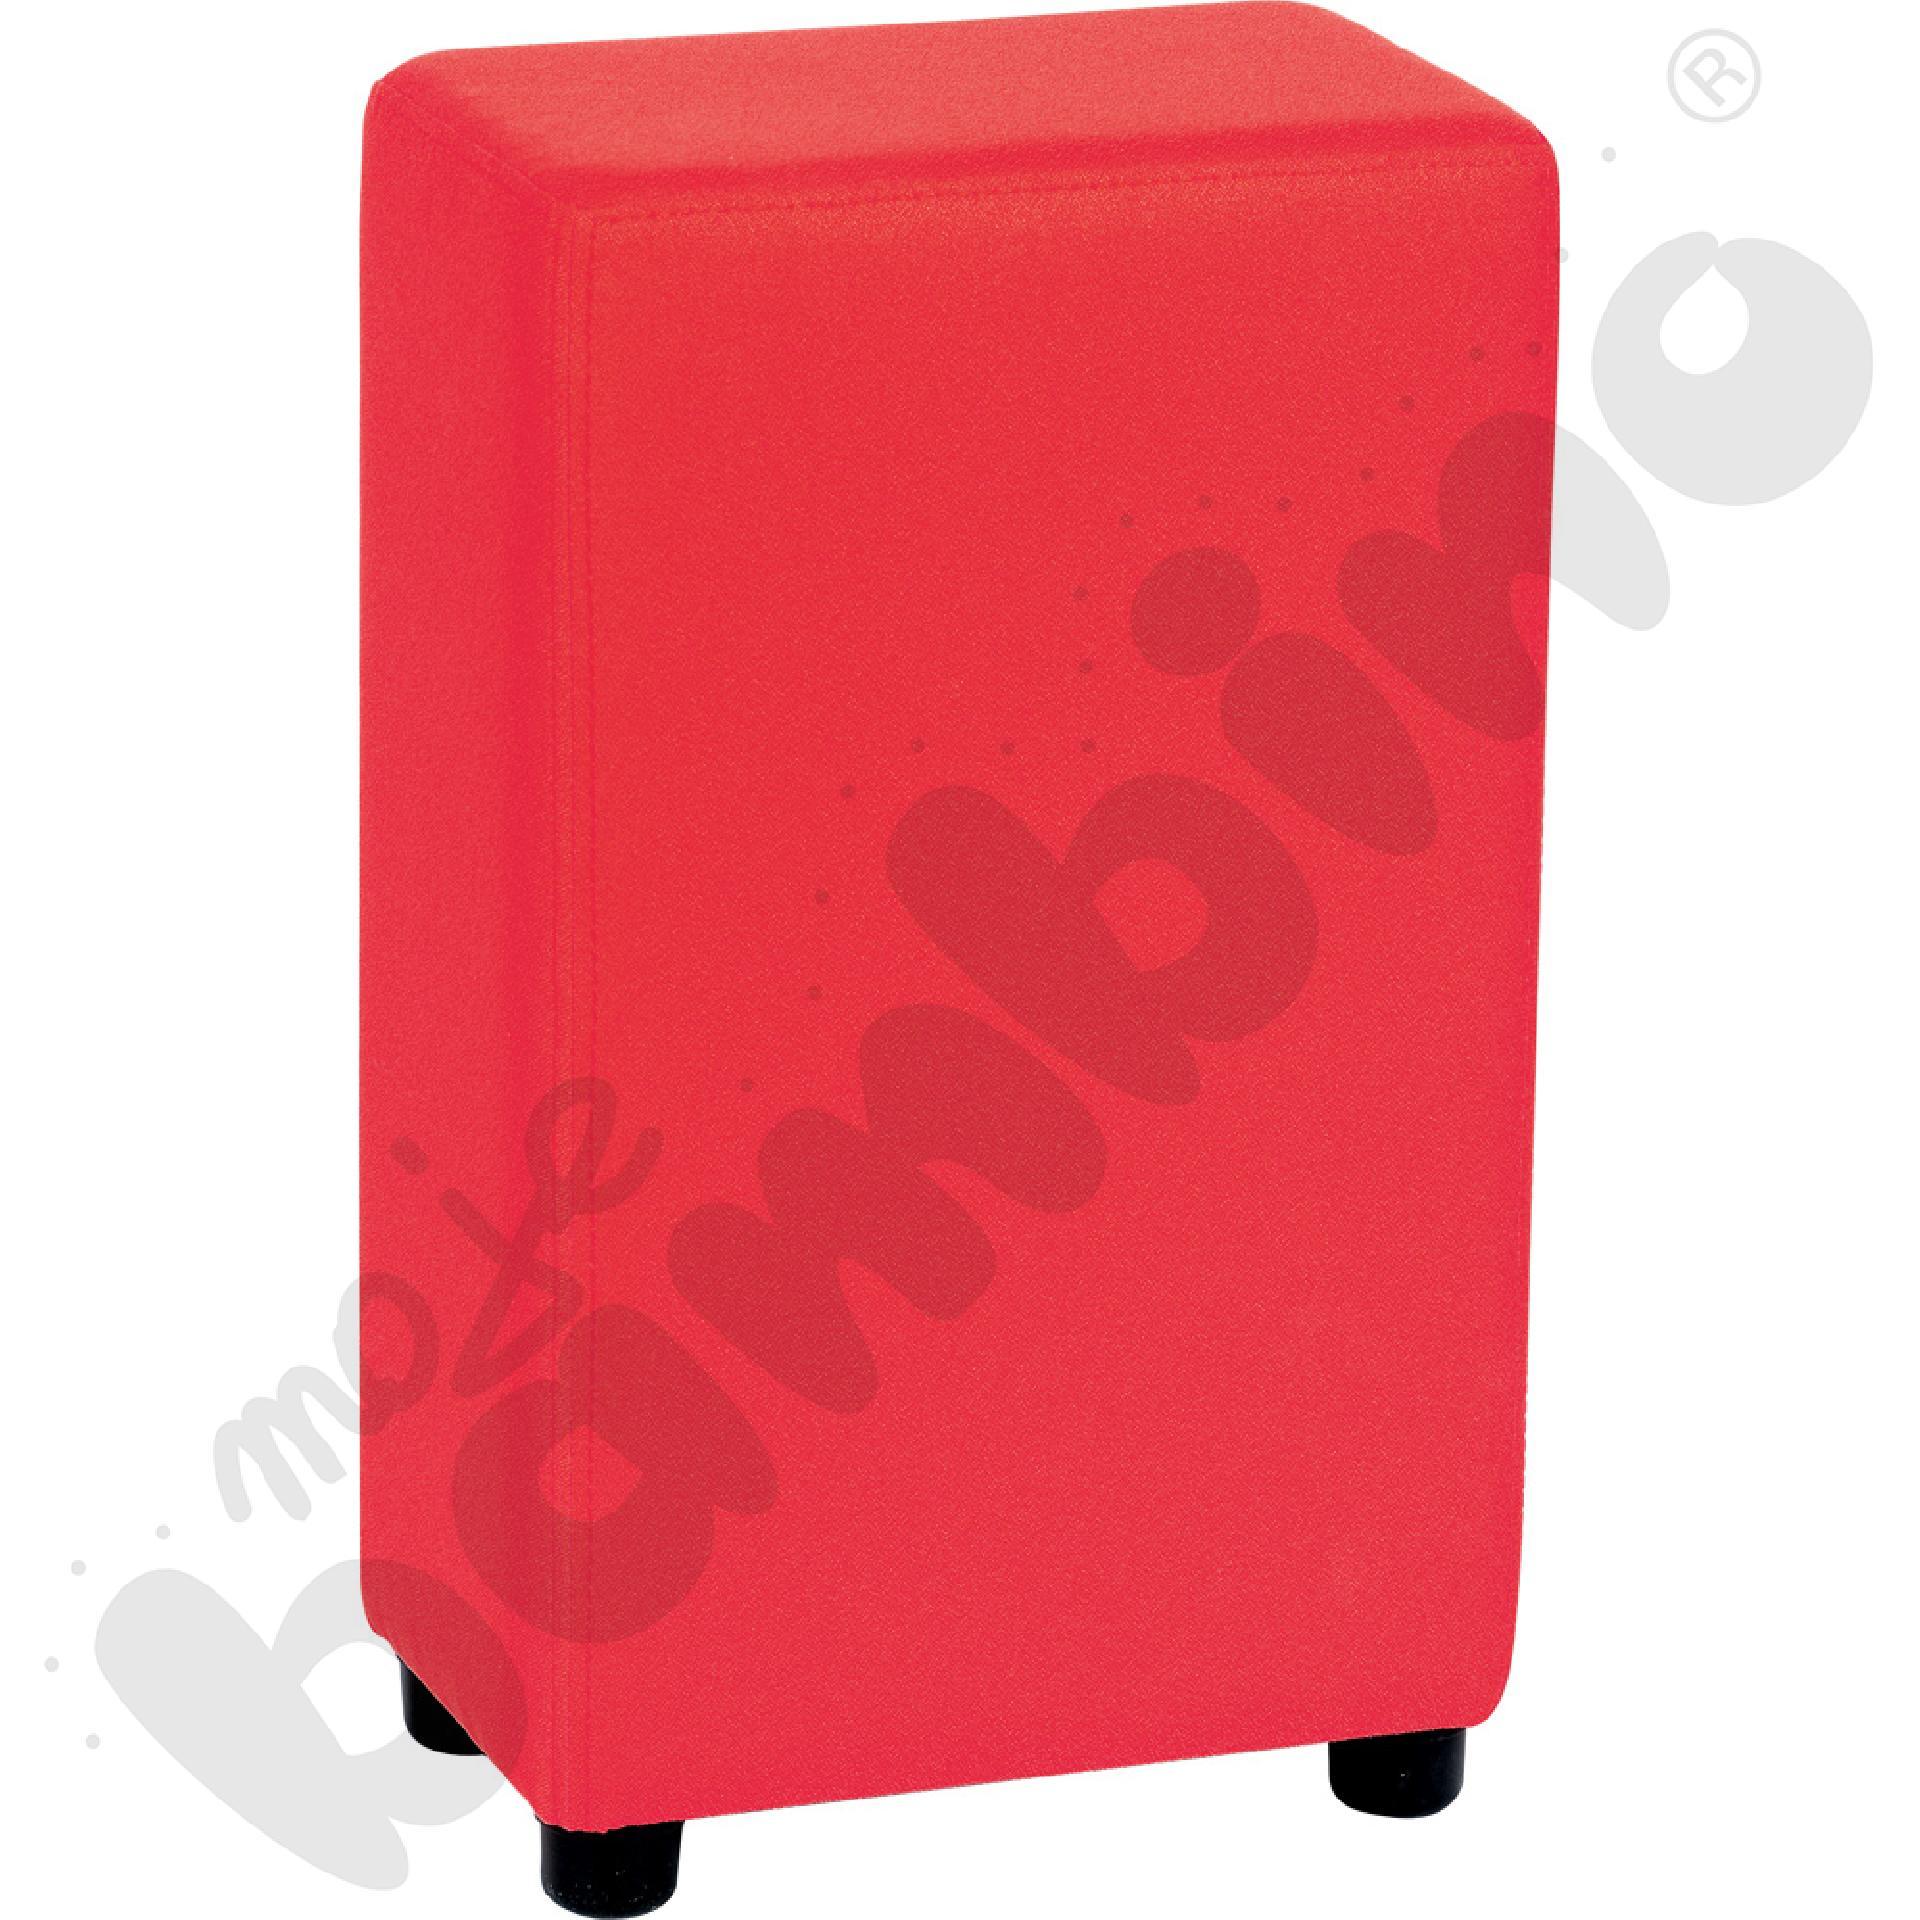 Podłokietnik Blocco Mini czerwony